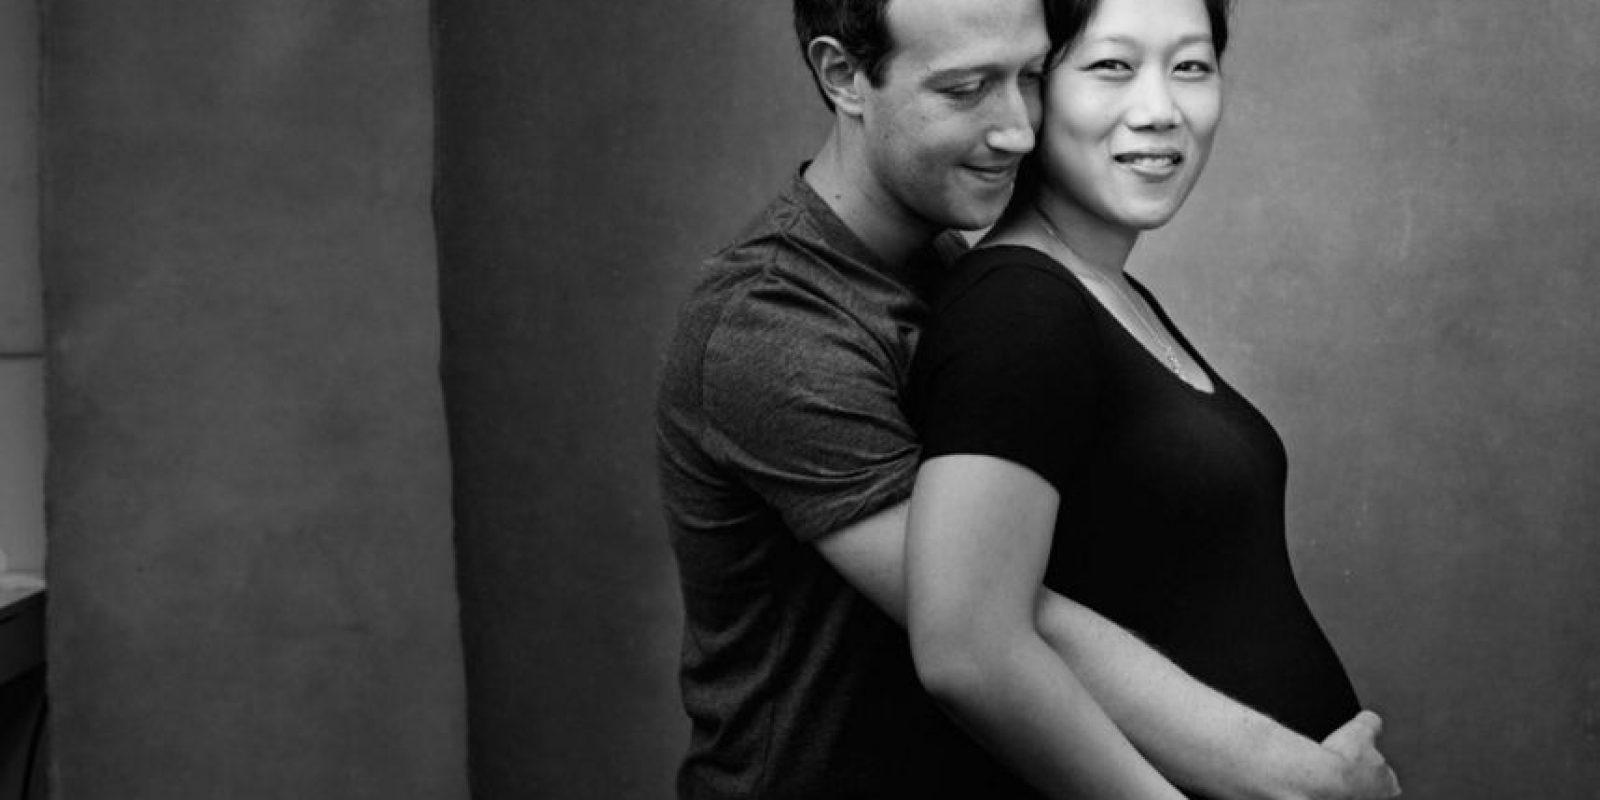 Mark y Priscilla durante el embarazo. Foto:facebook.com/zuck